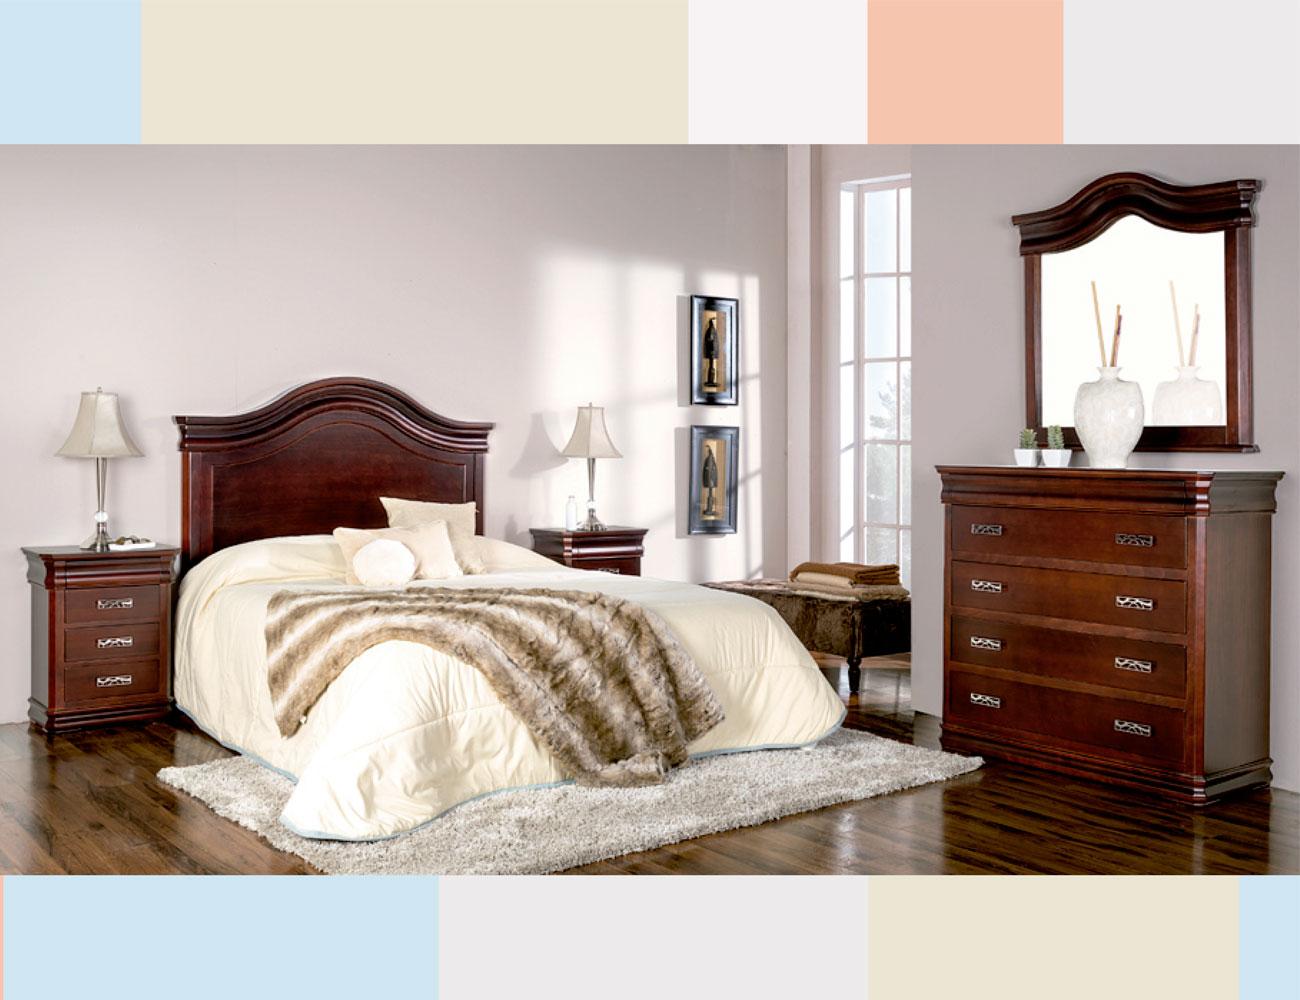 Dormitorio matrimonio cabecero imperio curvo3